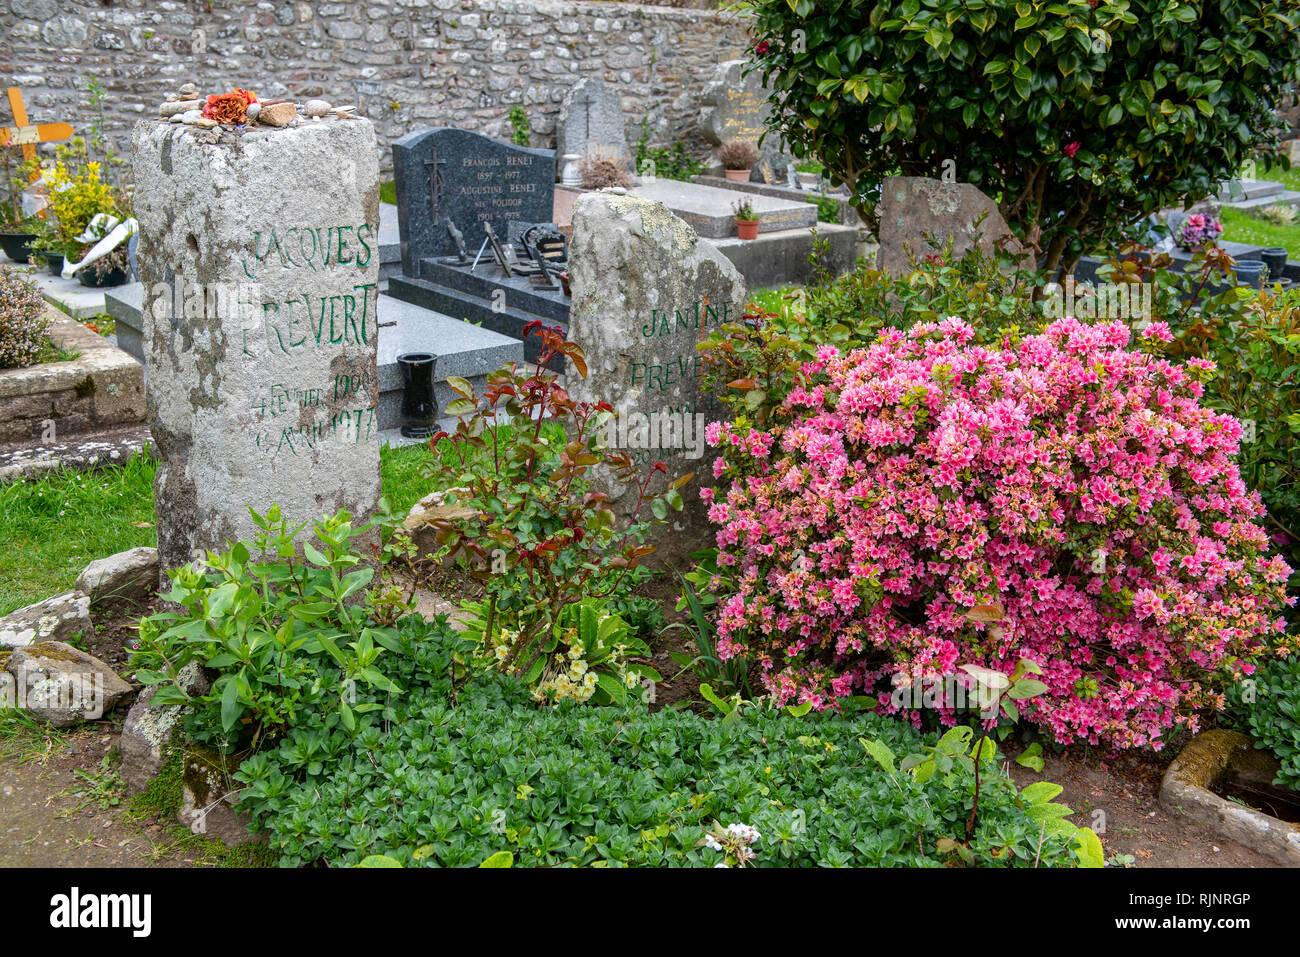 Super Dekorative Gräber und Pflanzen Stockfotos & Dekorative Gräber und @ZG_09